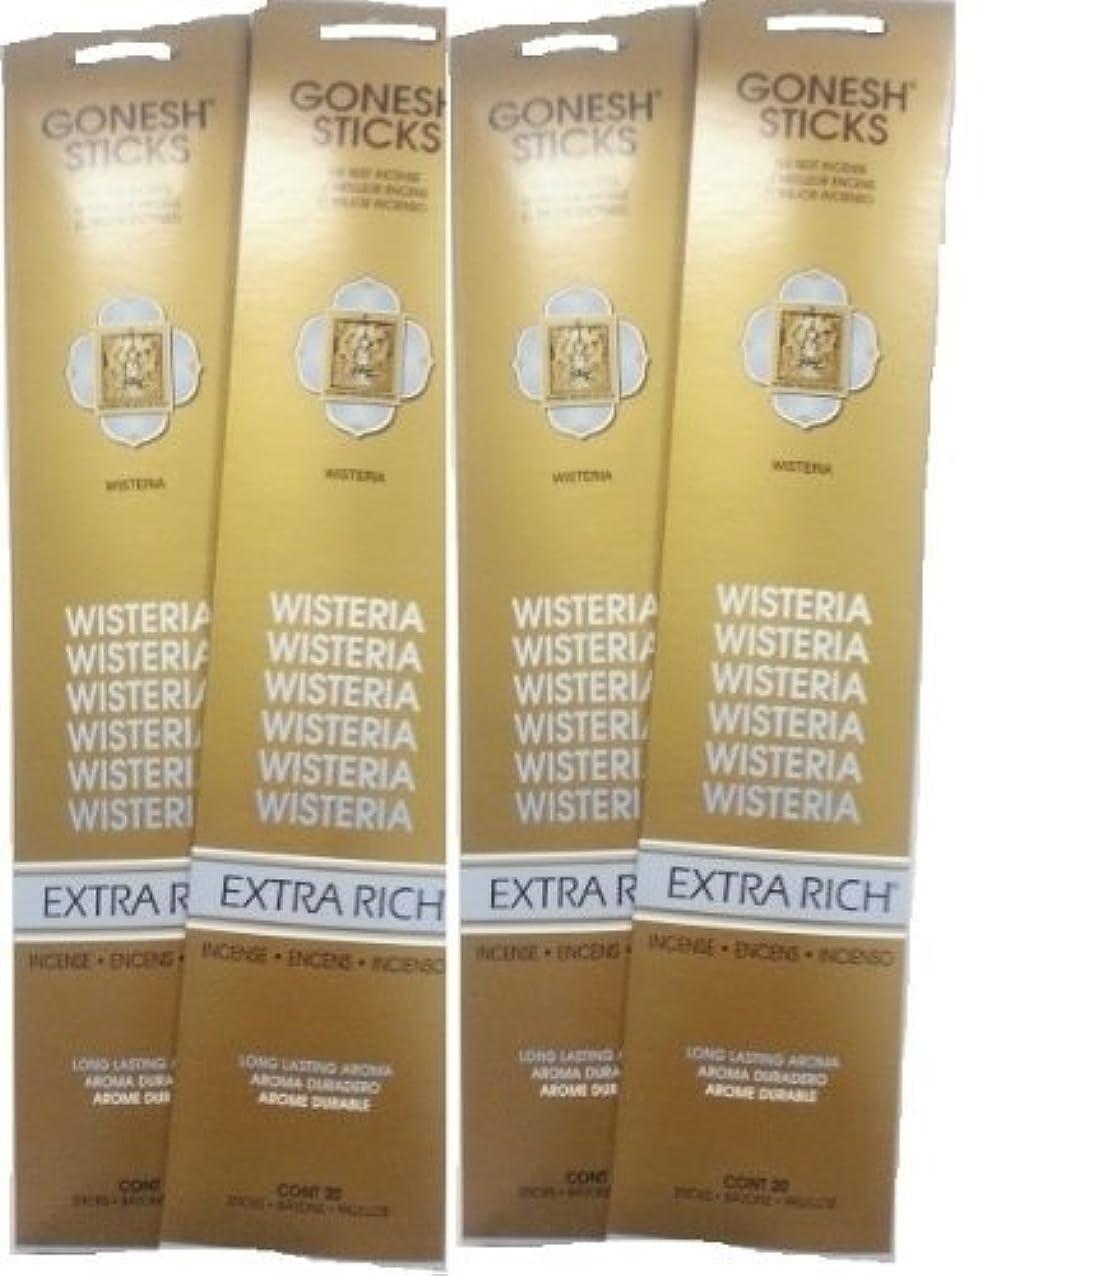 減るきれいにカエルGonesh Incense Sticks - Wisteria lot of 4 by Gonesh